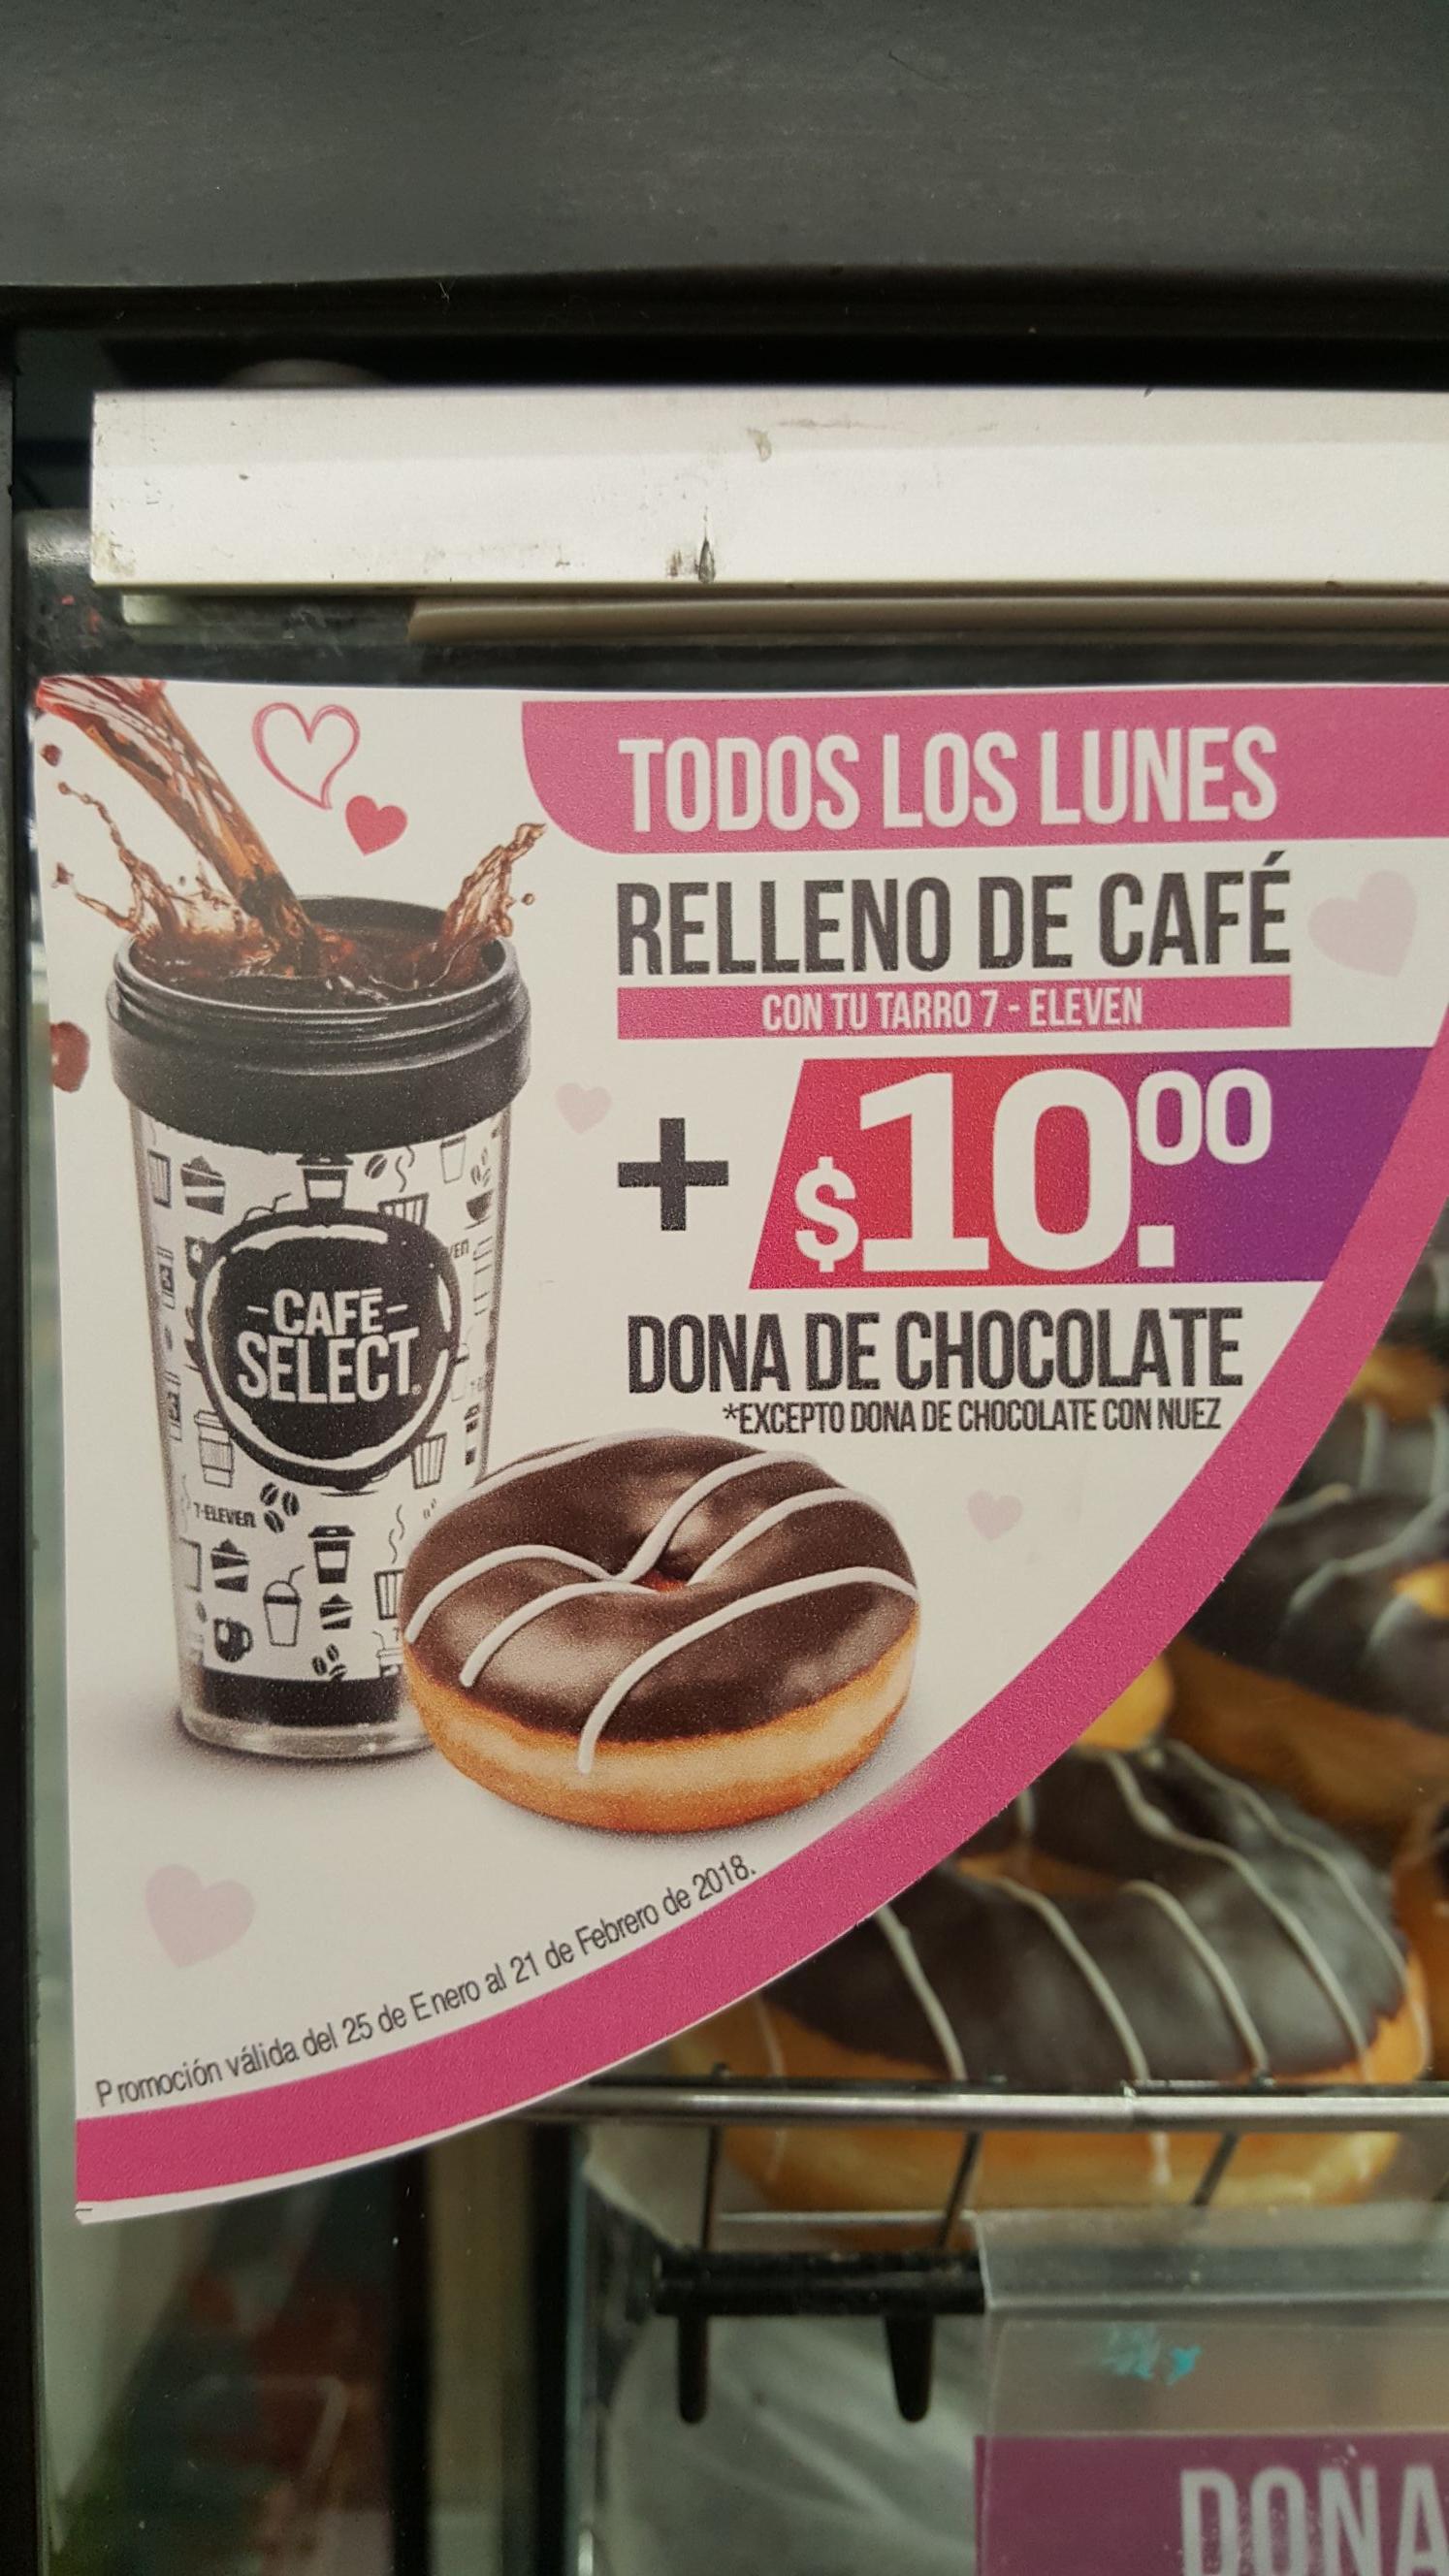 7-Eleven: Relleno de Café + $10 dona de chocolate los lunes